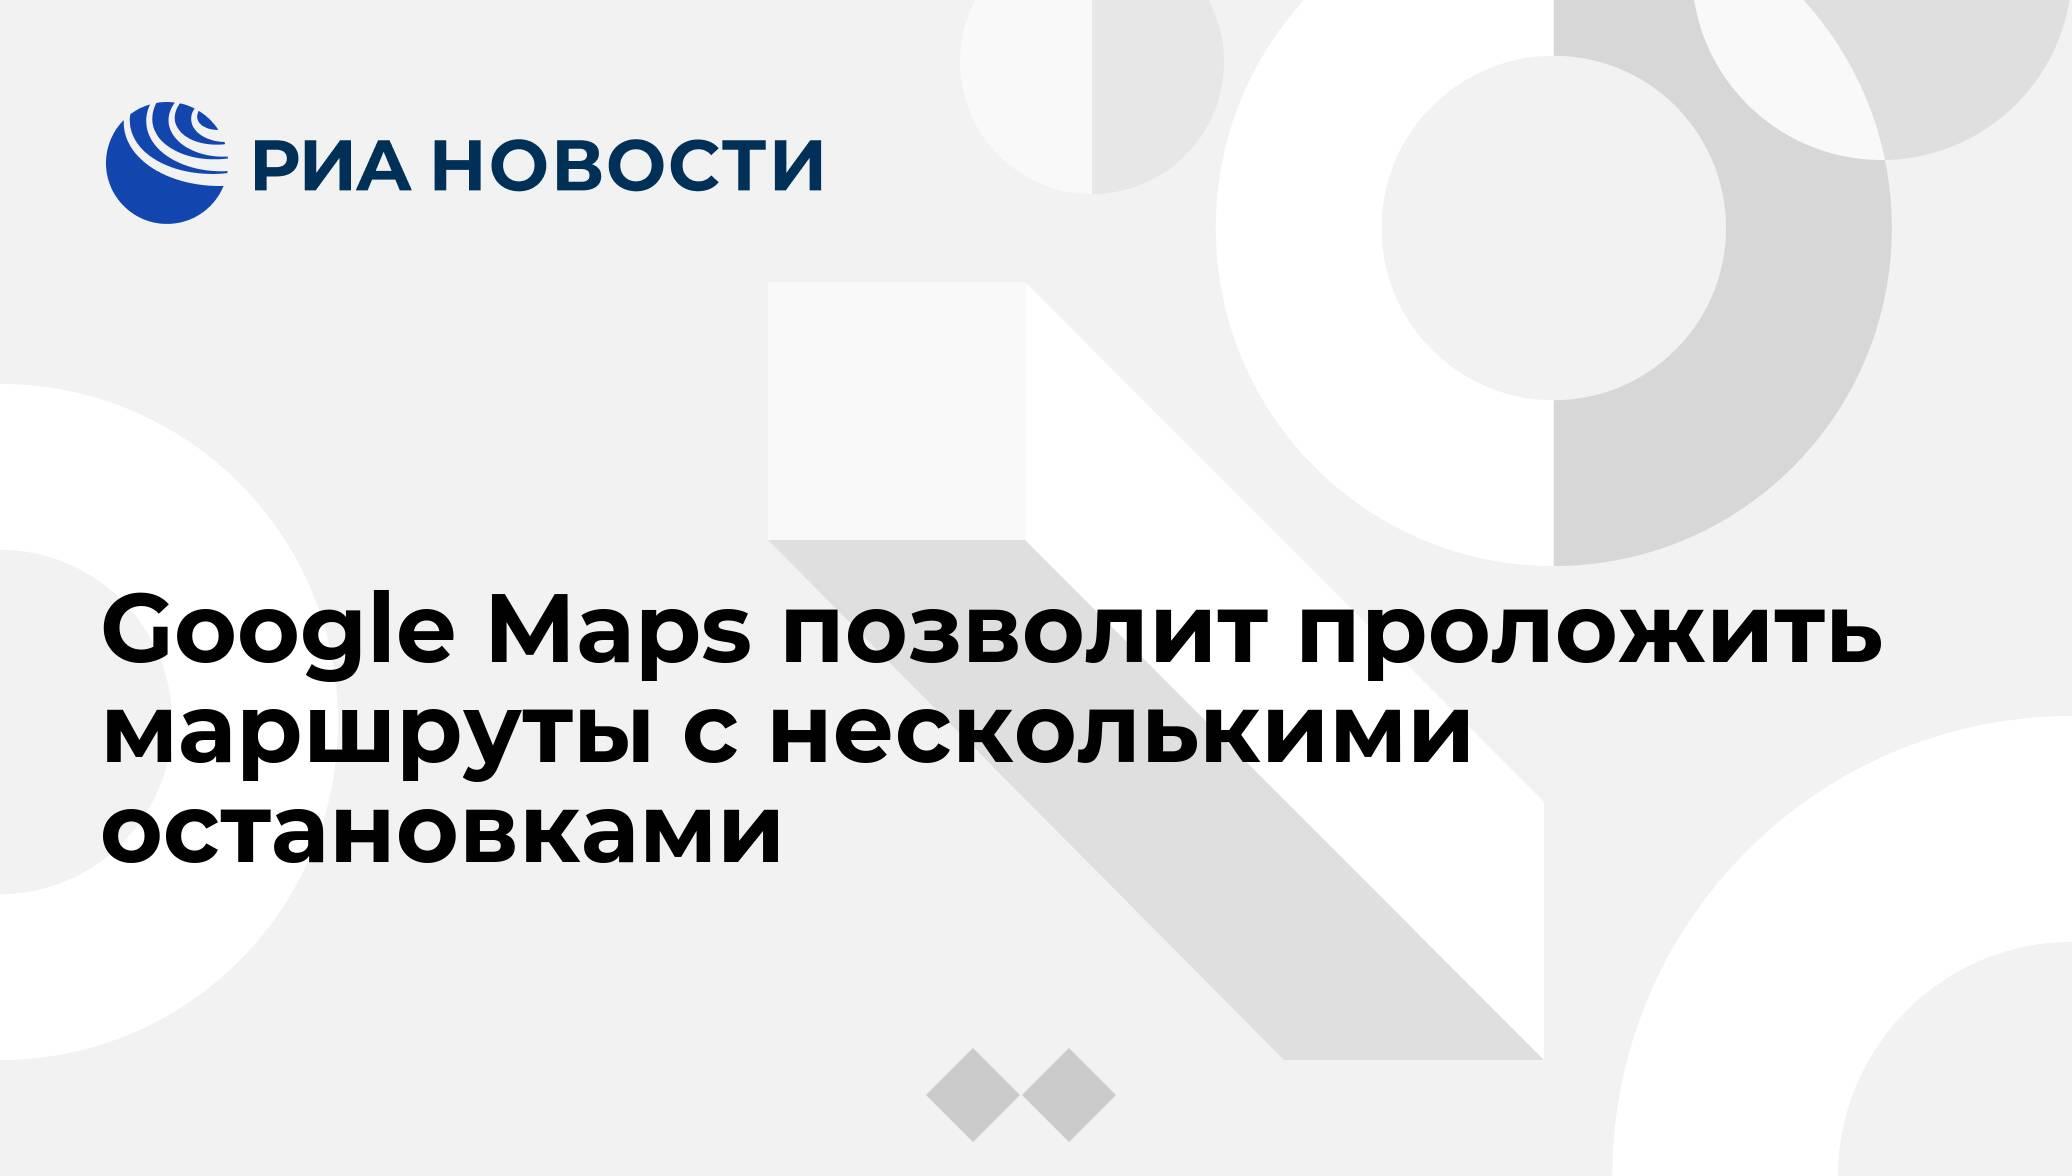 гугл карты москва проложить маршрут заявка на кредит с моментальным решением по смс